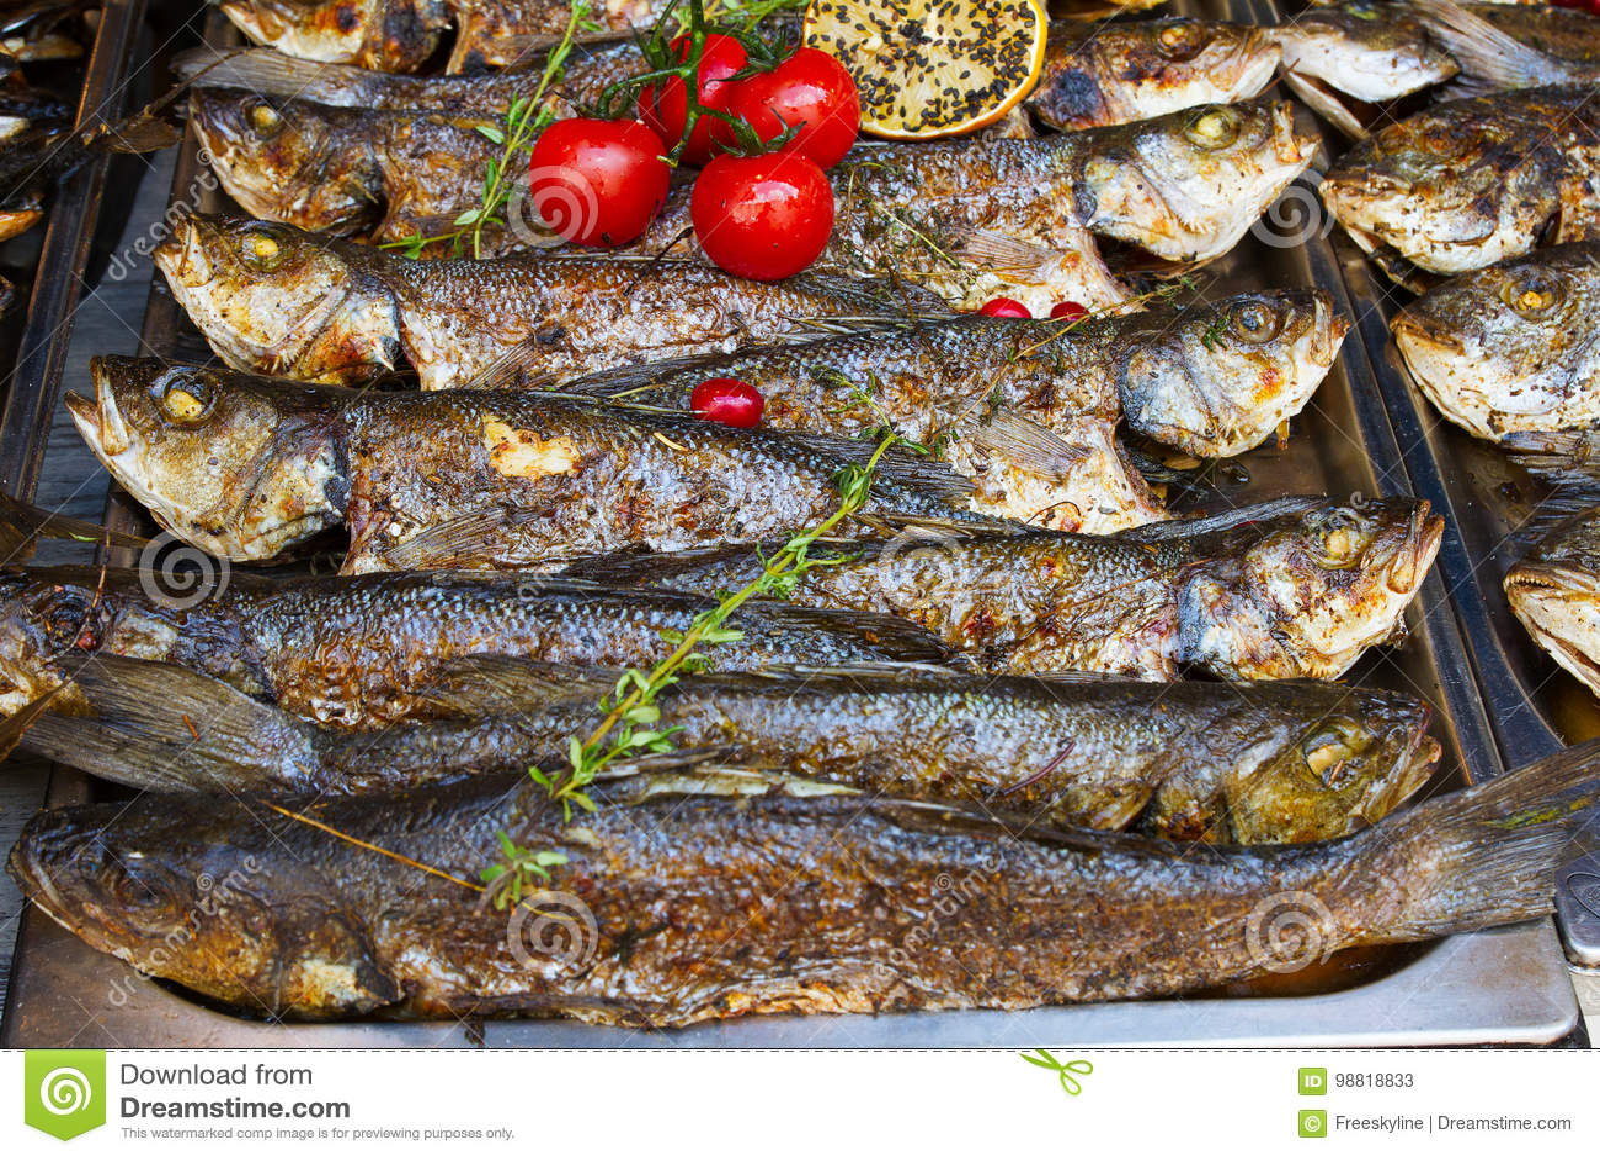 kitchen booths fruit basket 在开放街道食物厨房国际食物节日事件的食物摊位服务的烤鱼雪鱼库存图片 在开放街道食物厨房国际食物节日事件的食物摊位服务的烤鱼